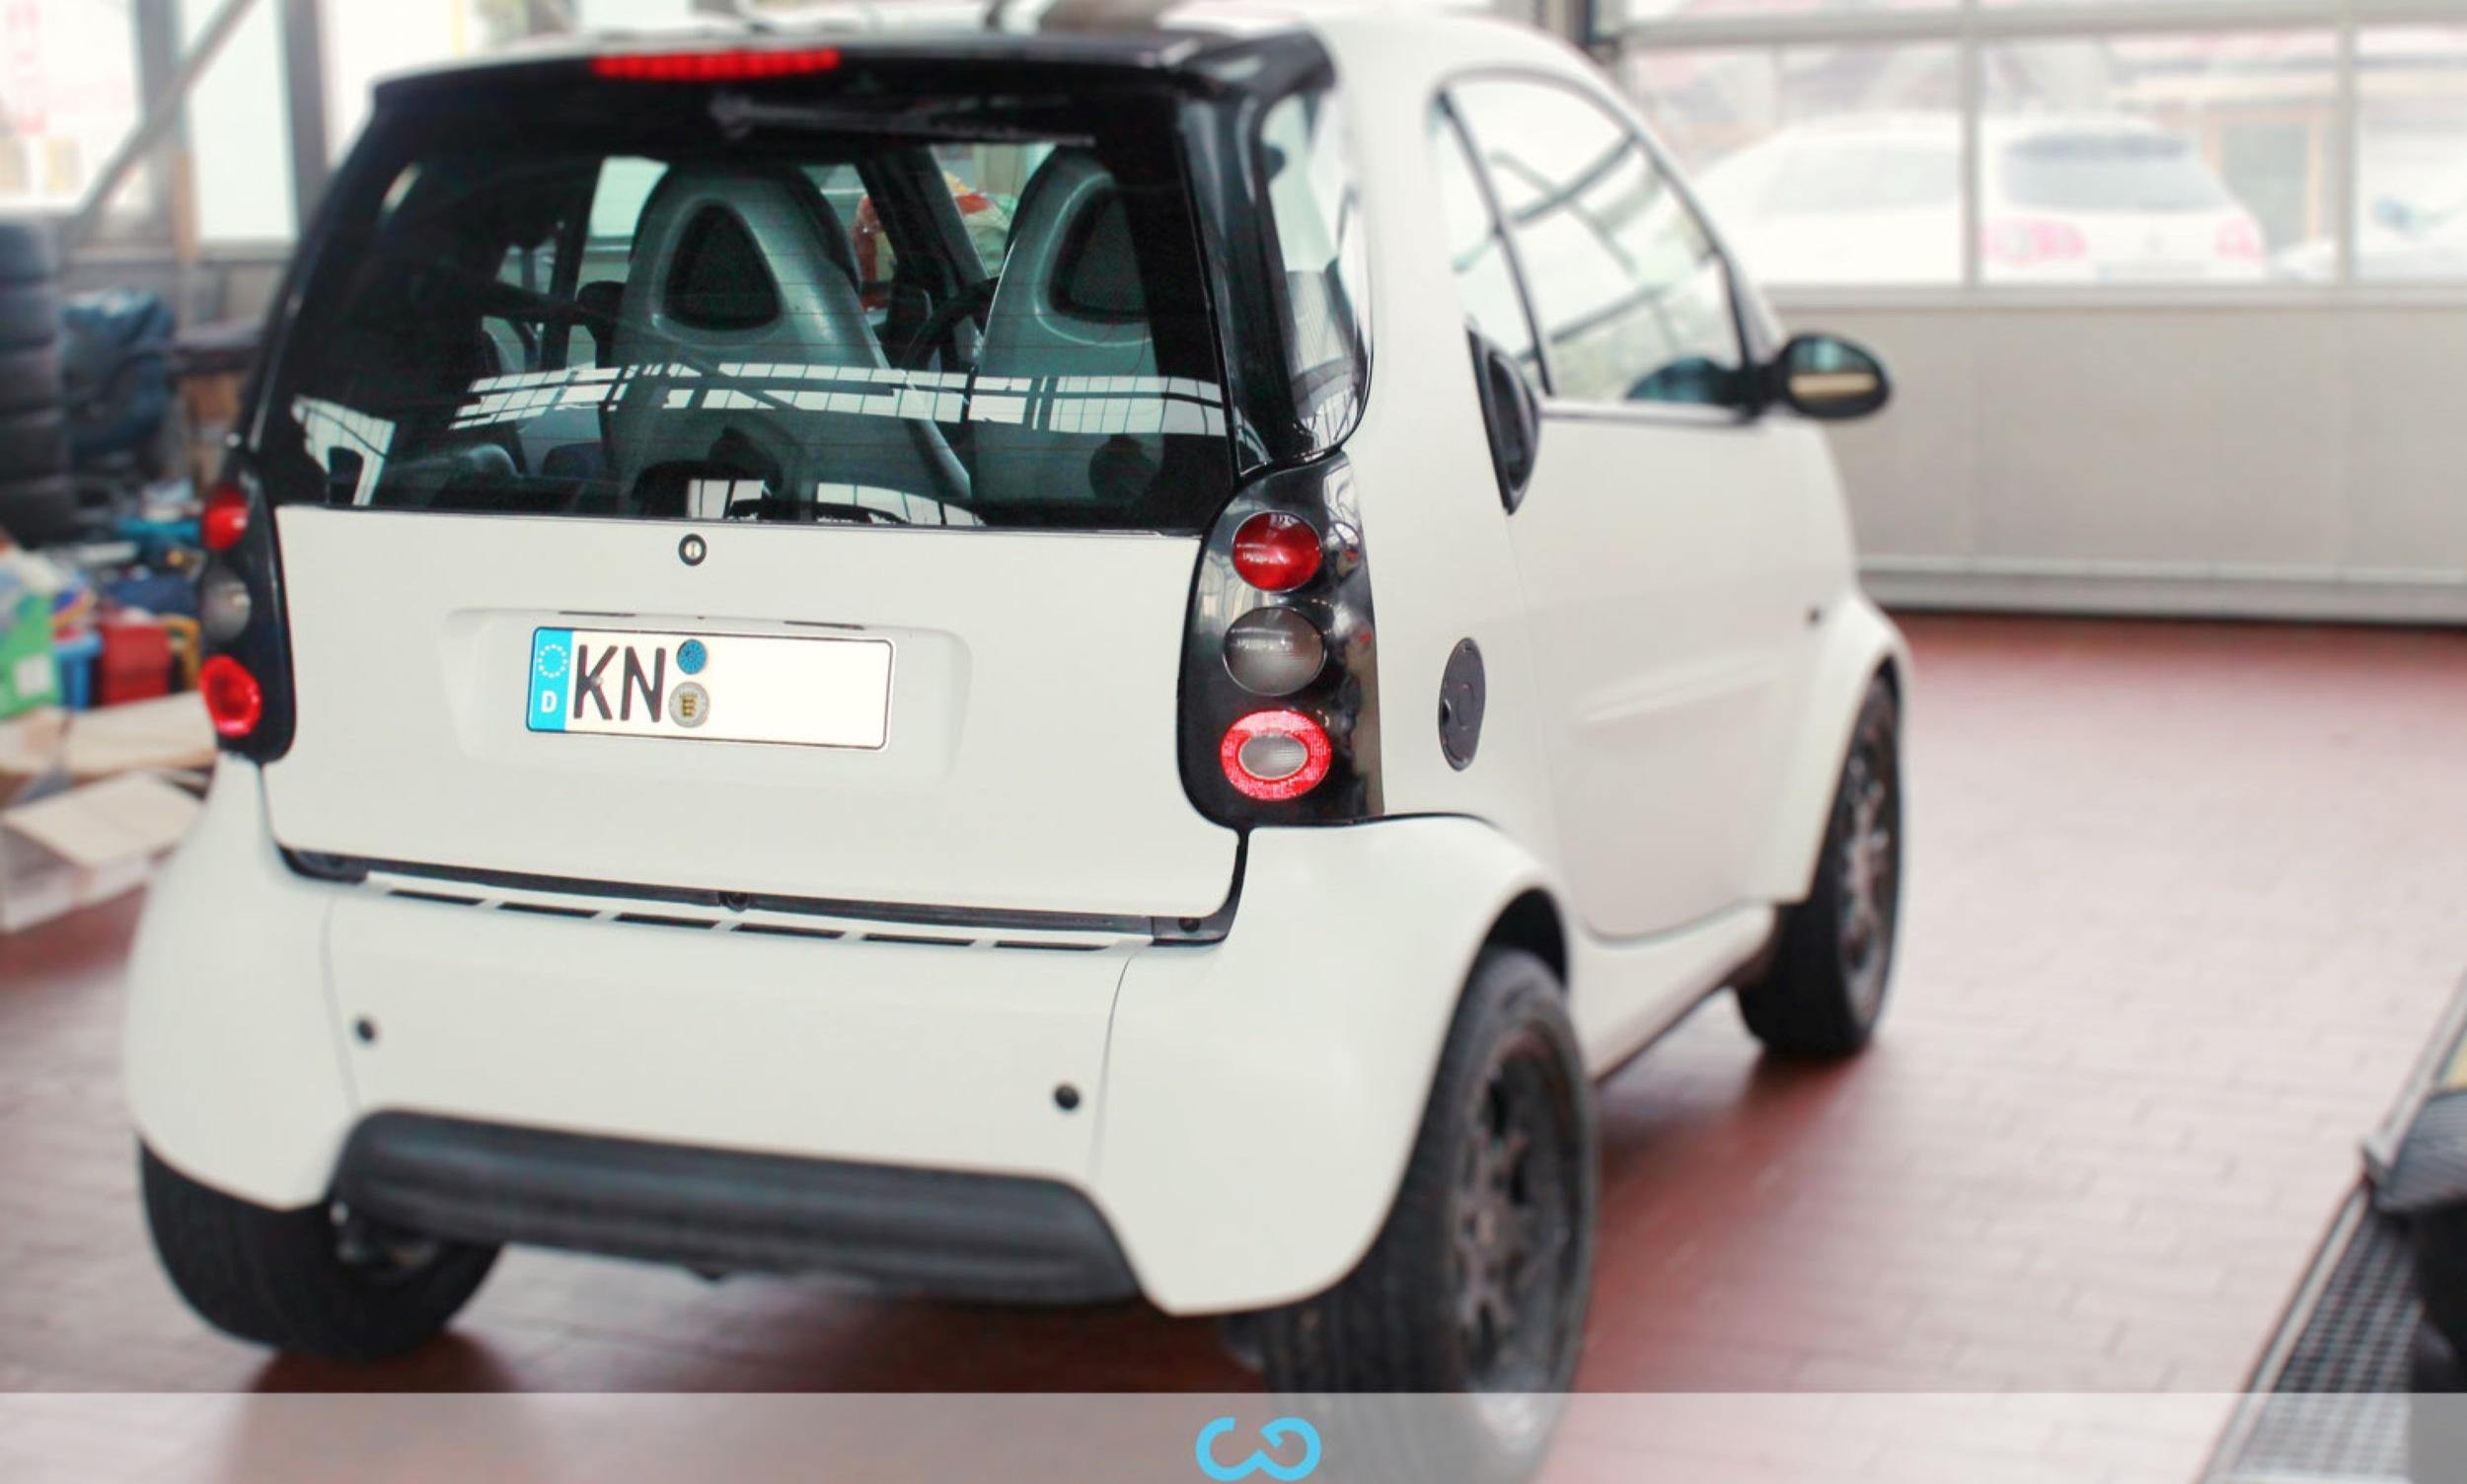 autofolierung-car-wrapping-3-vollfolierung-teilfolierung-carbonfolie-smart-weiss-2012-10-12-1.jpg